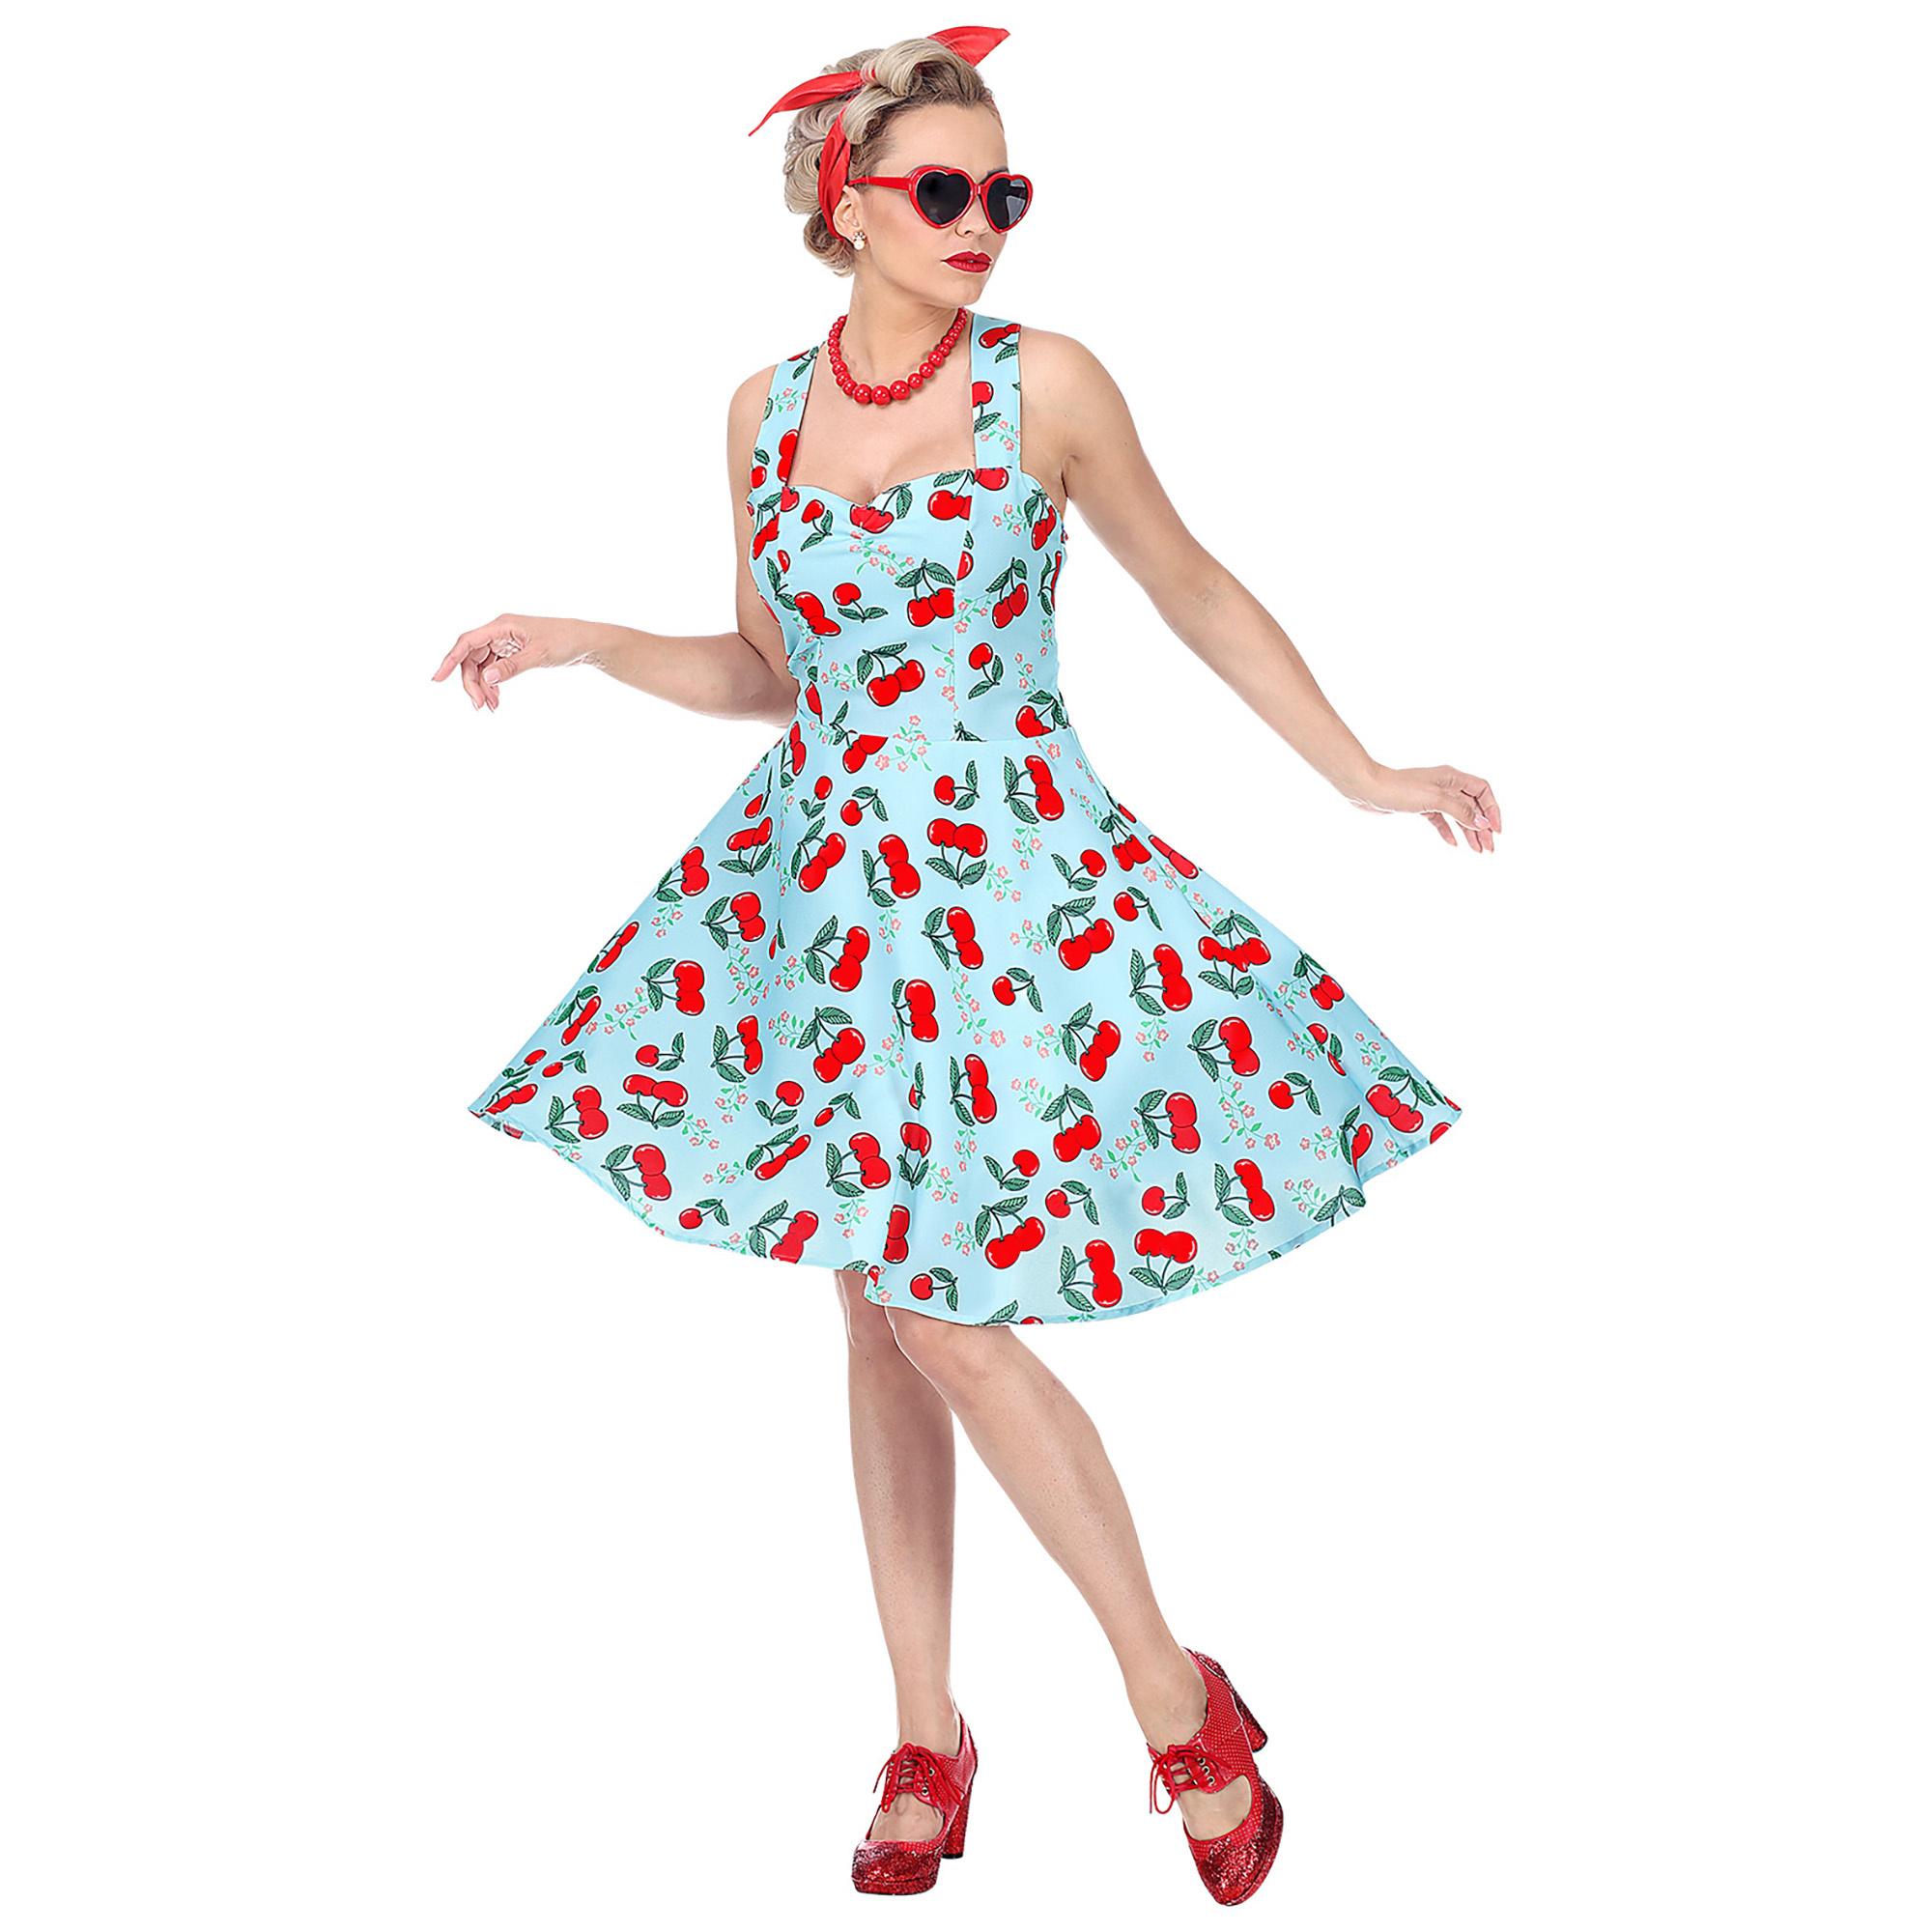 Fonkelnieuw Mooie jaren 50 jurk Cherry voor dames KZ-25